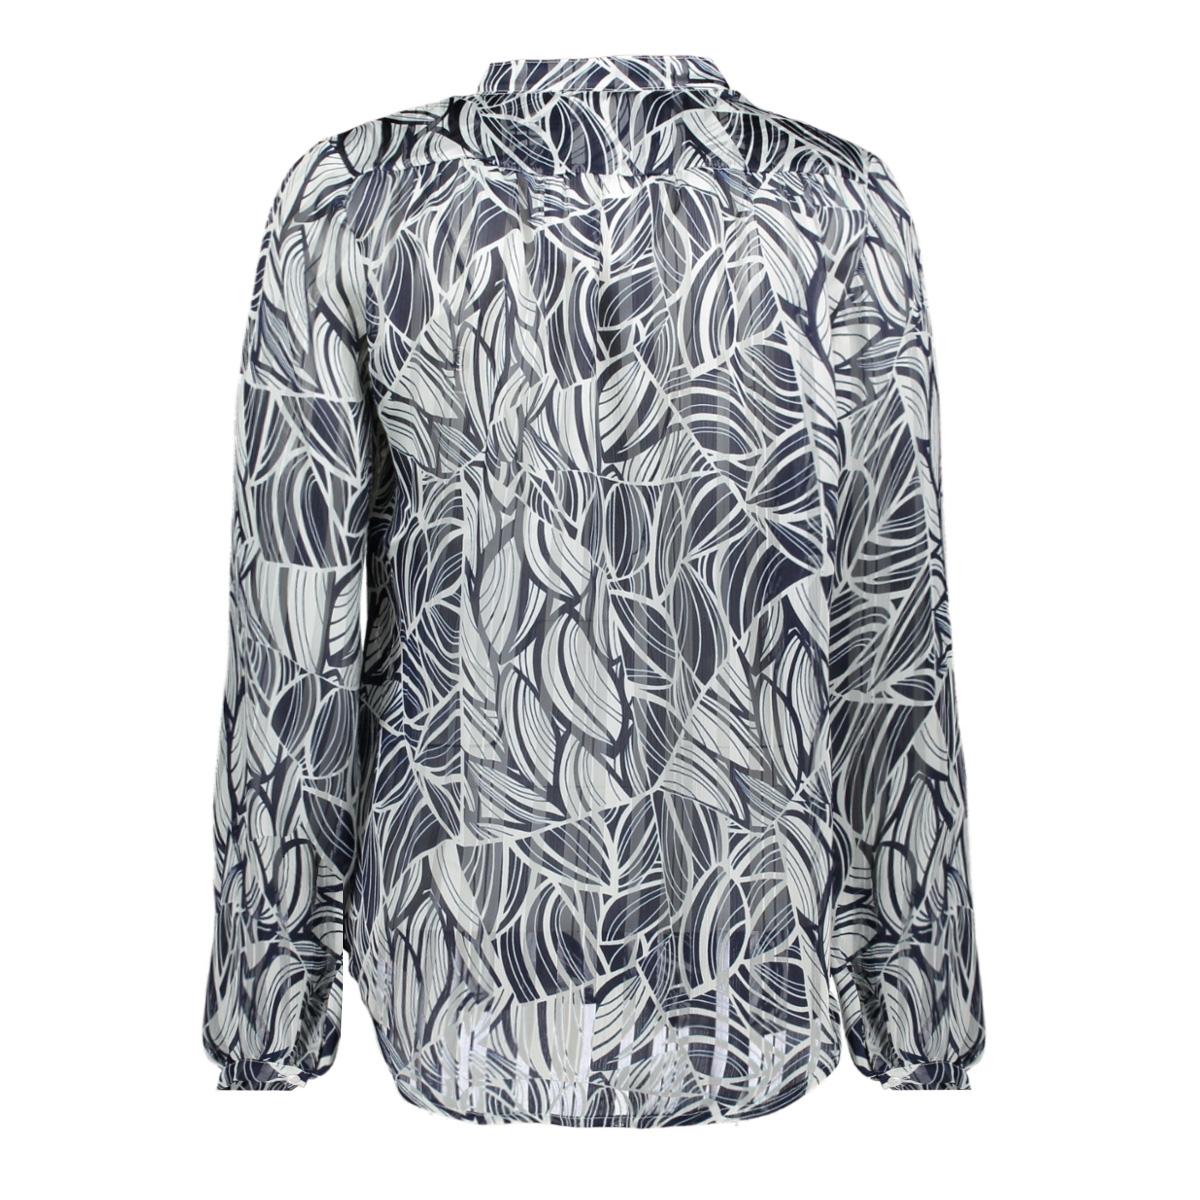 heda ls marine striped leaves ned blouse 303 marine